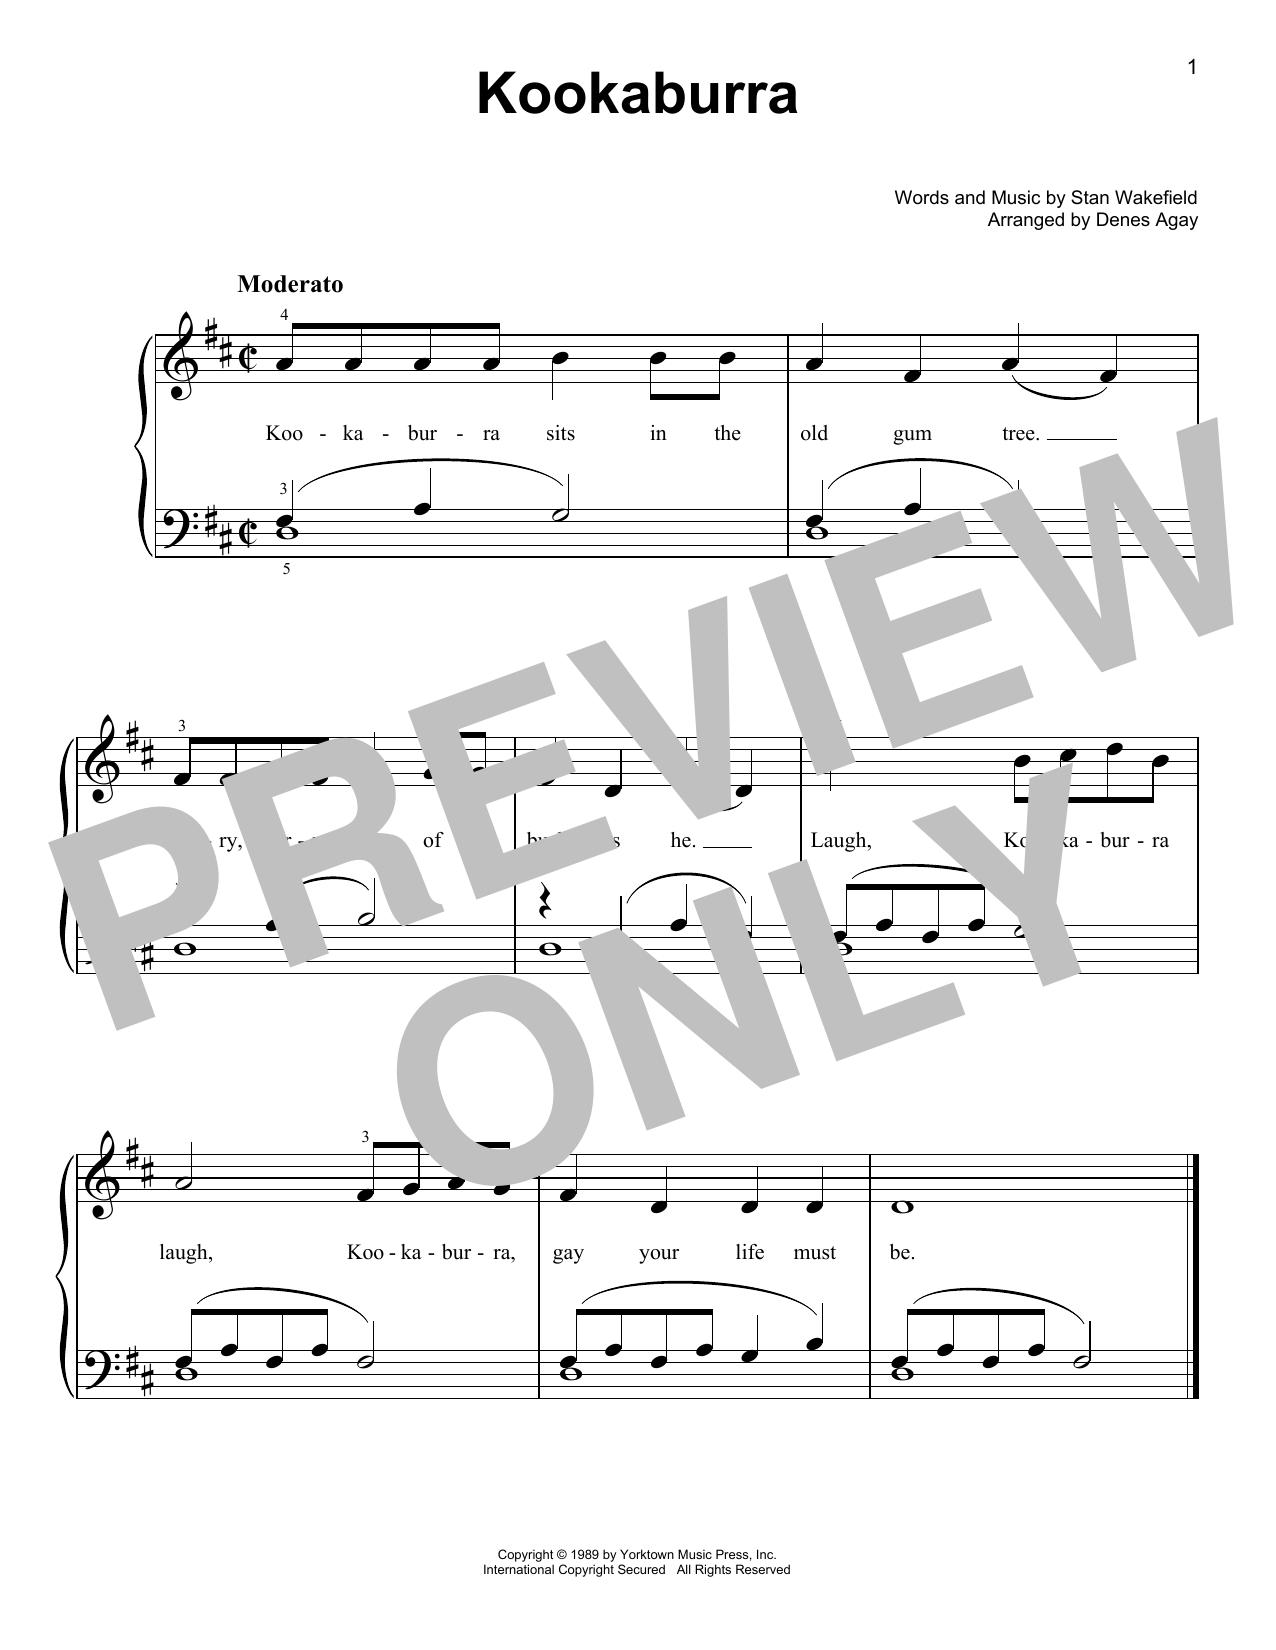 The Kookaburra Laughed (arr. Denes Agay) (Easy Piano)